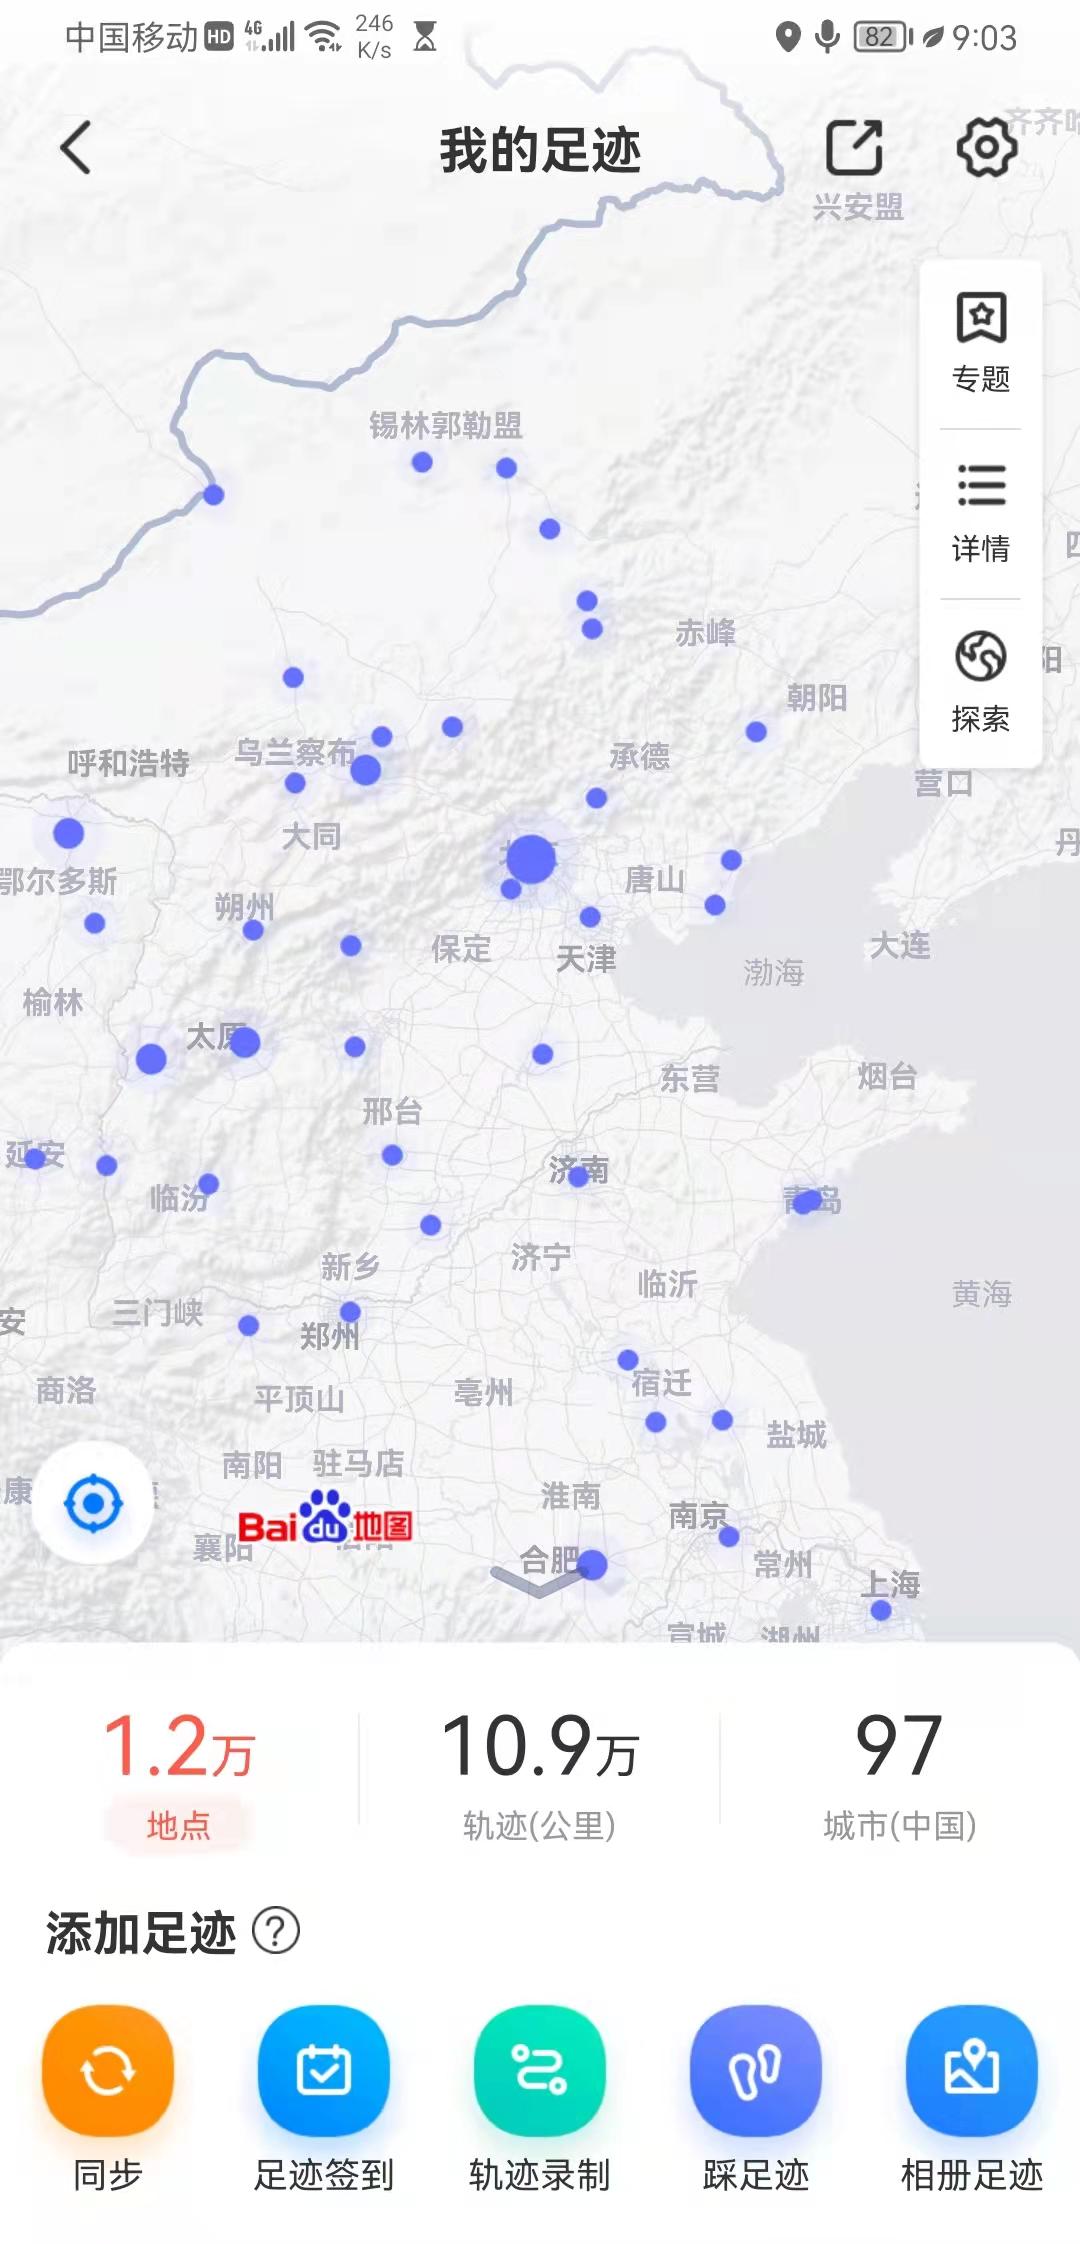 百度地图,正在把用户赶往高德